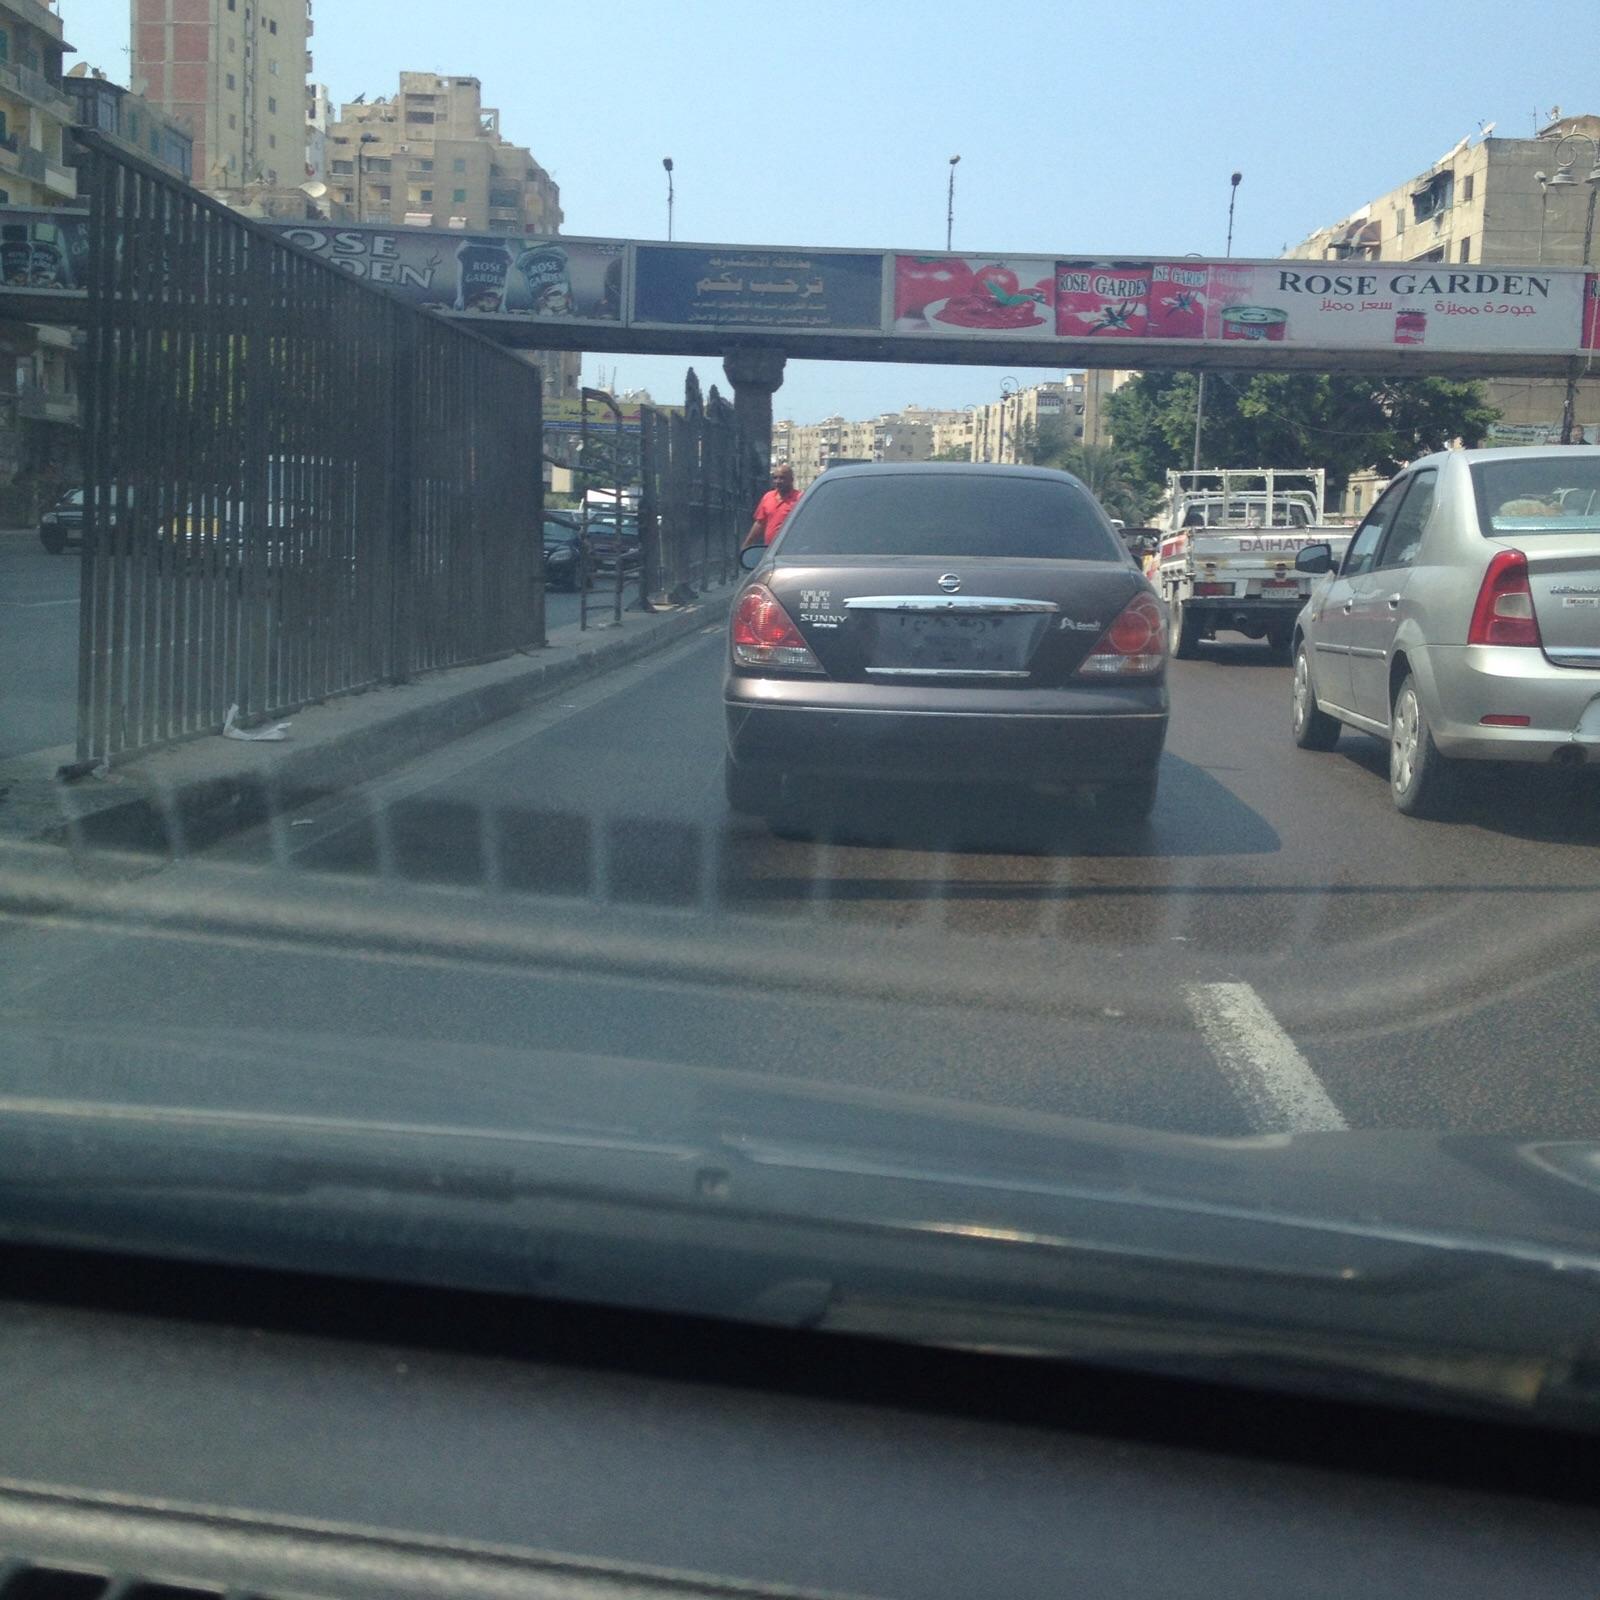 سيارة دون لوحات معدنية.. ومواطنة: «مانشتكيش بقى من العربيات المفخخة»